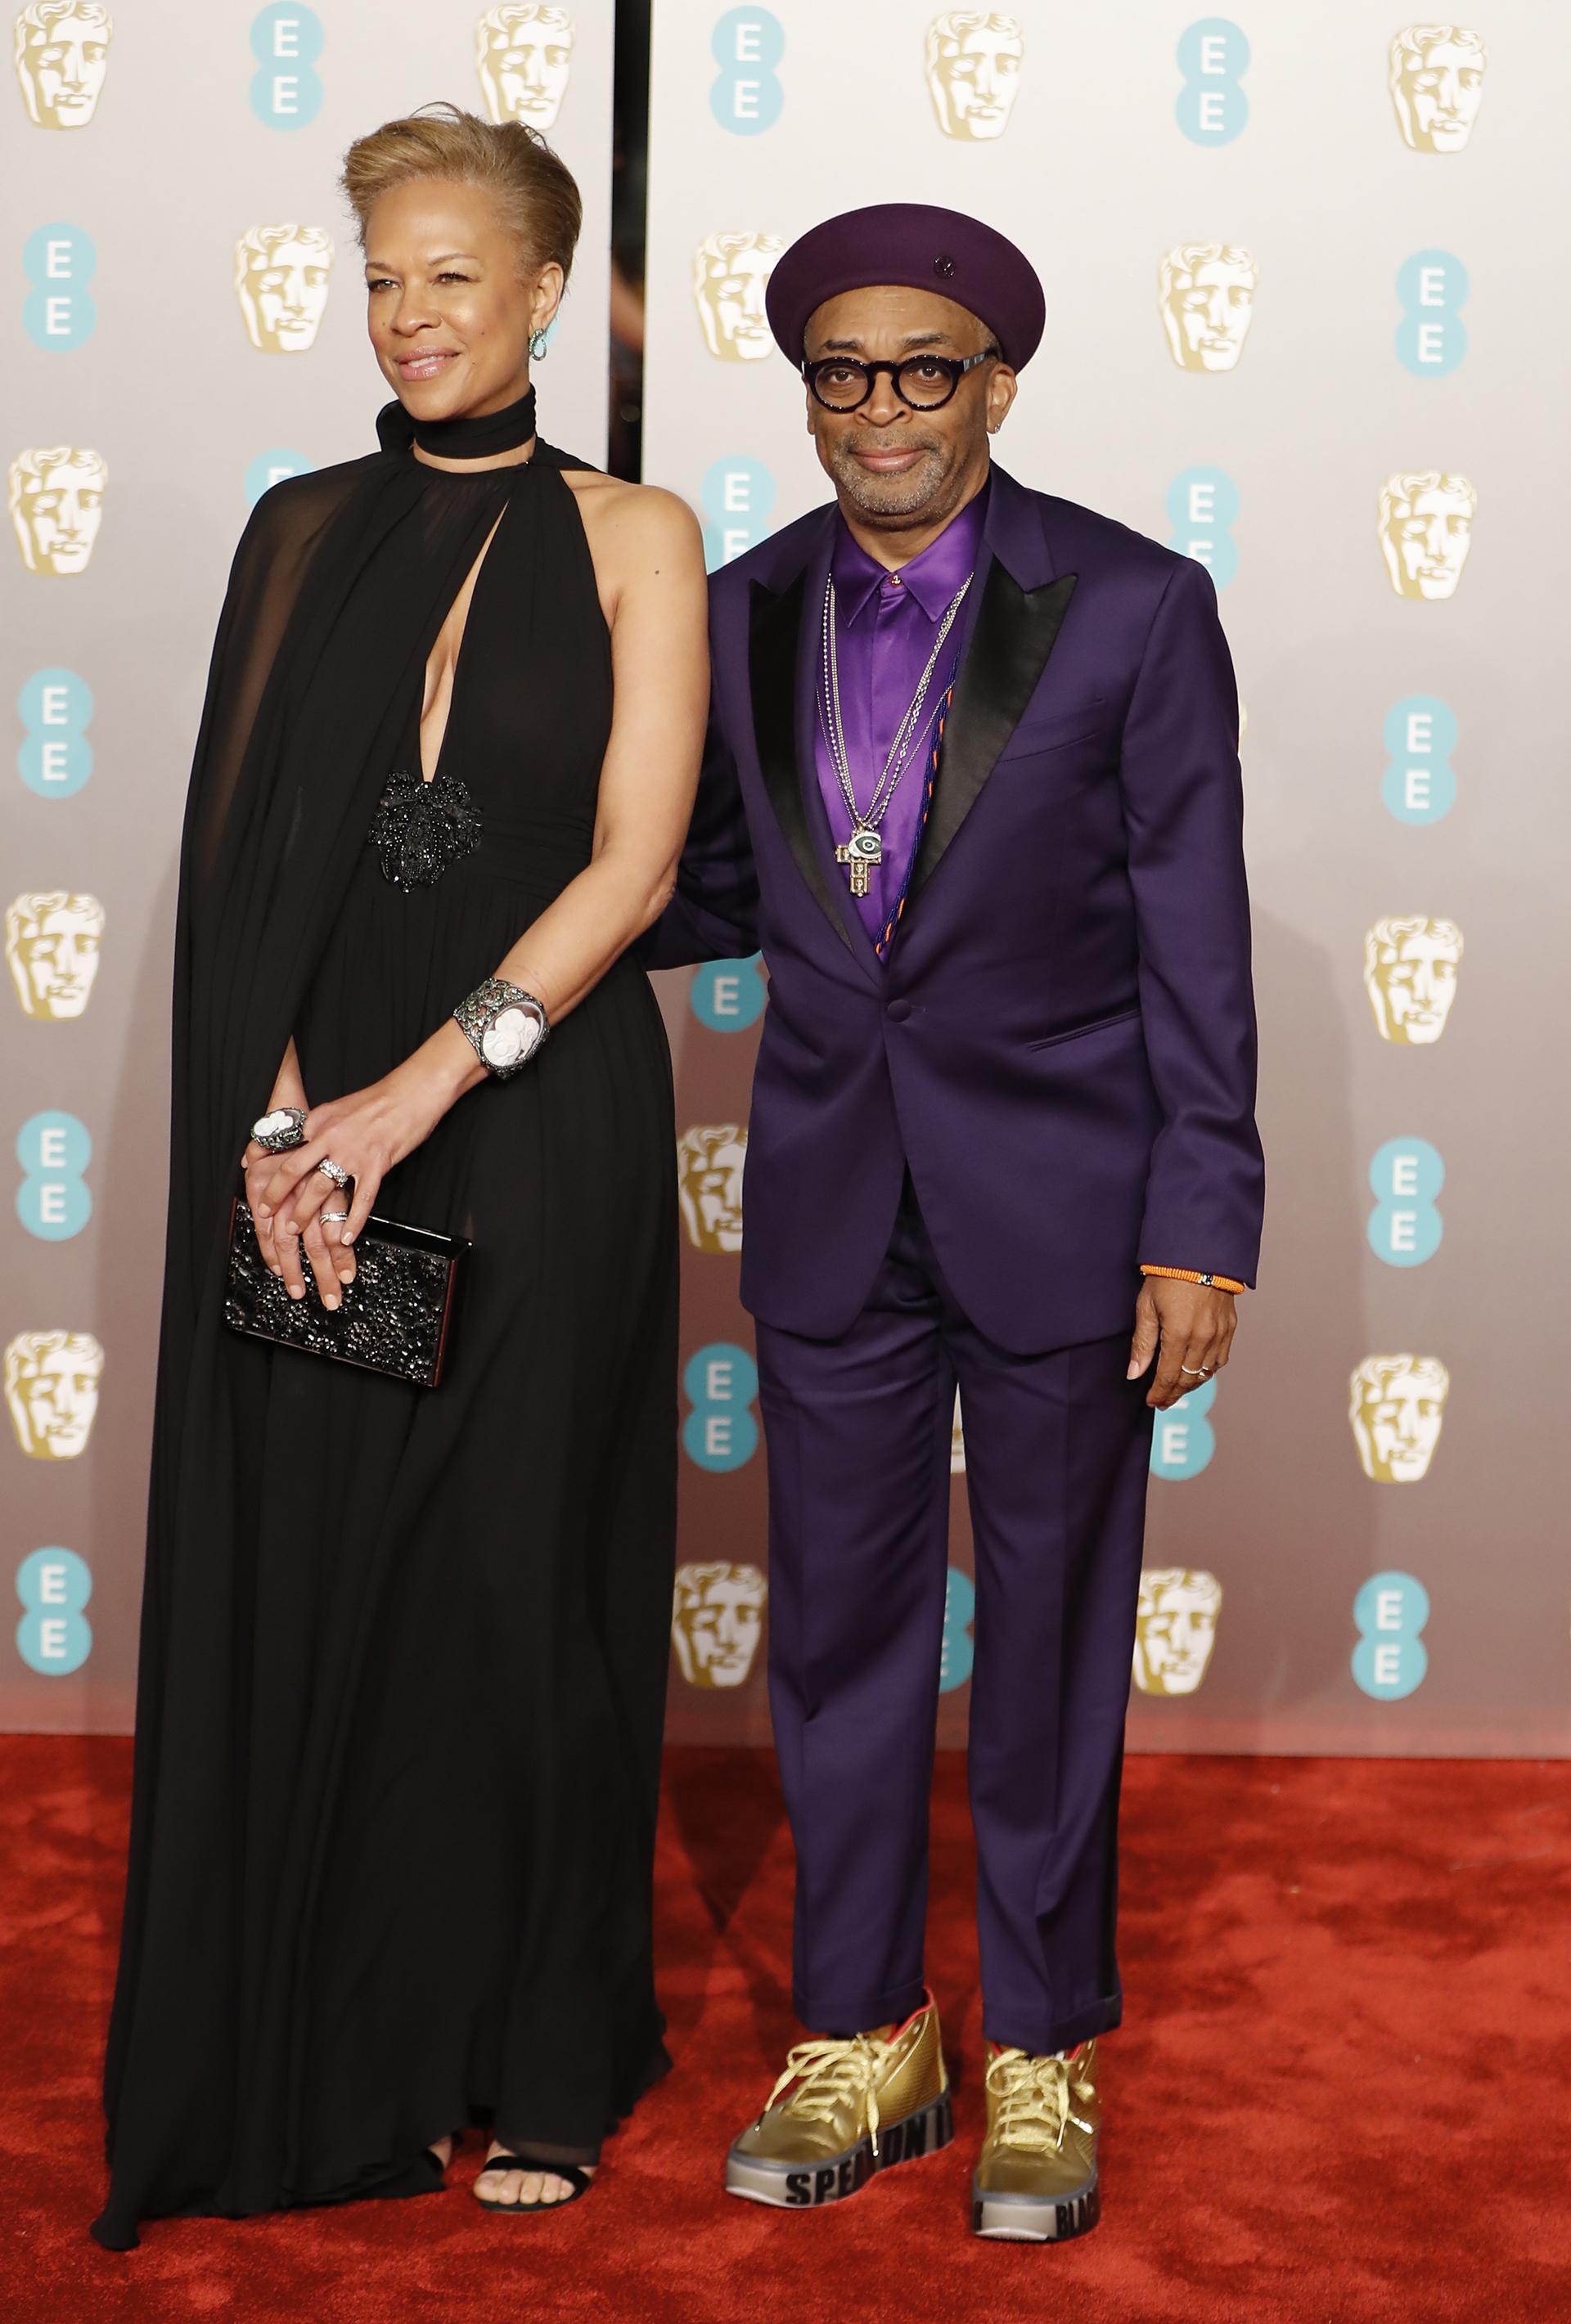 Spike Leey su esposa Tonya Lewis Lee